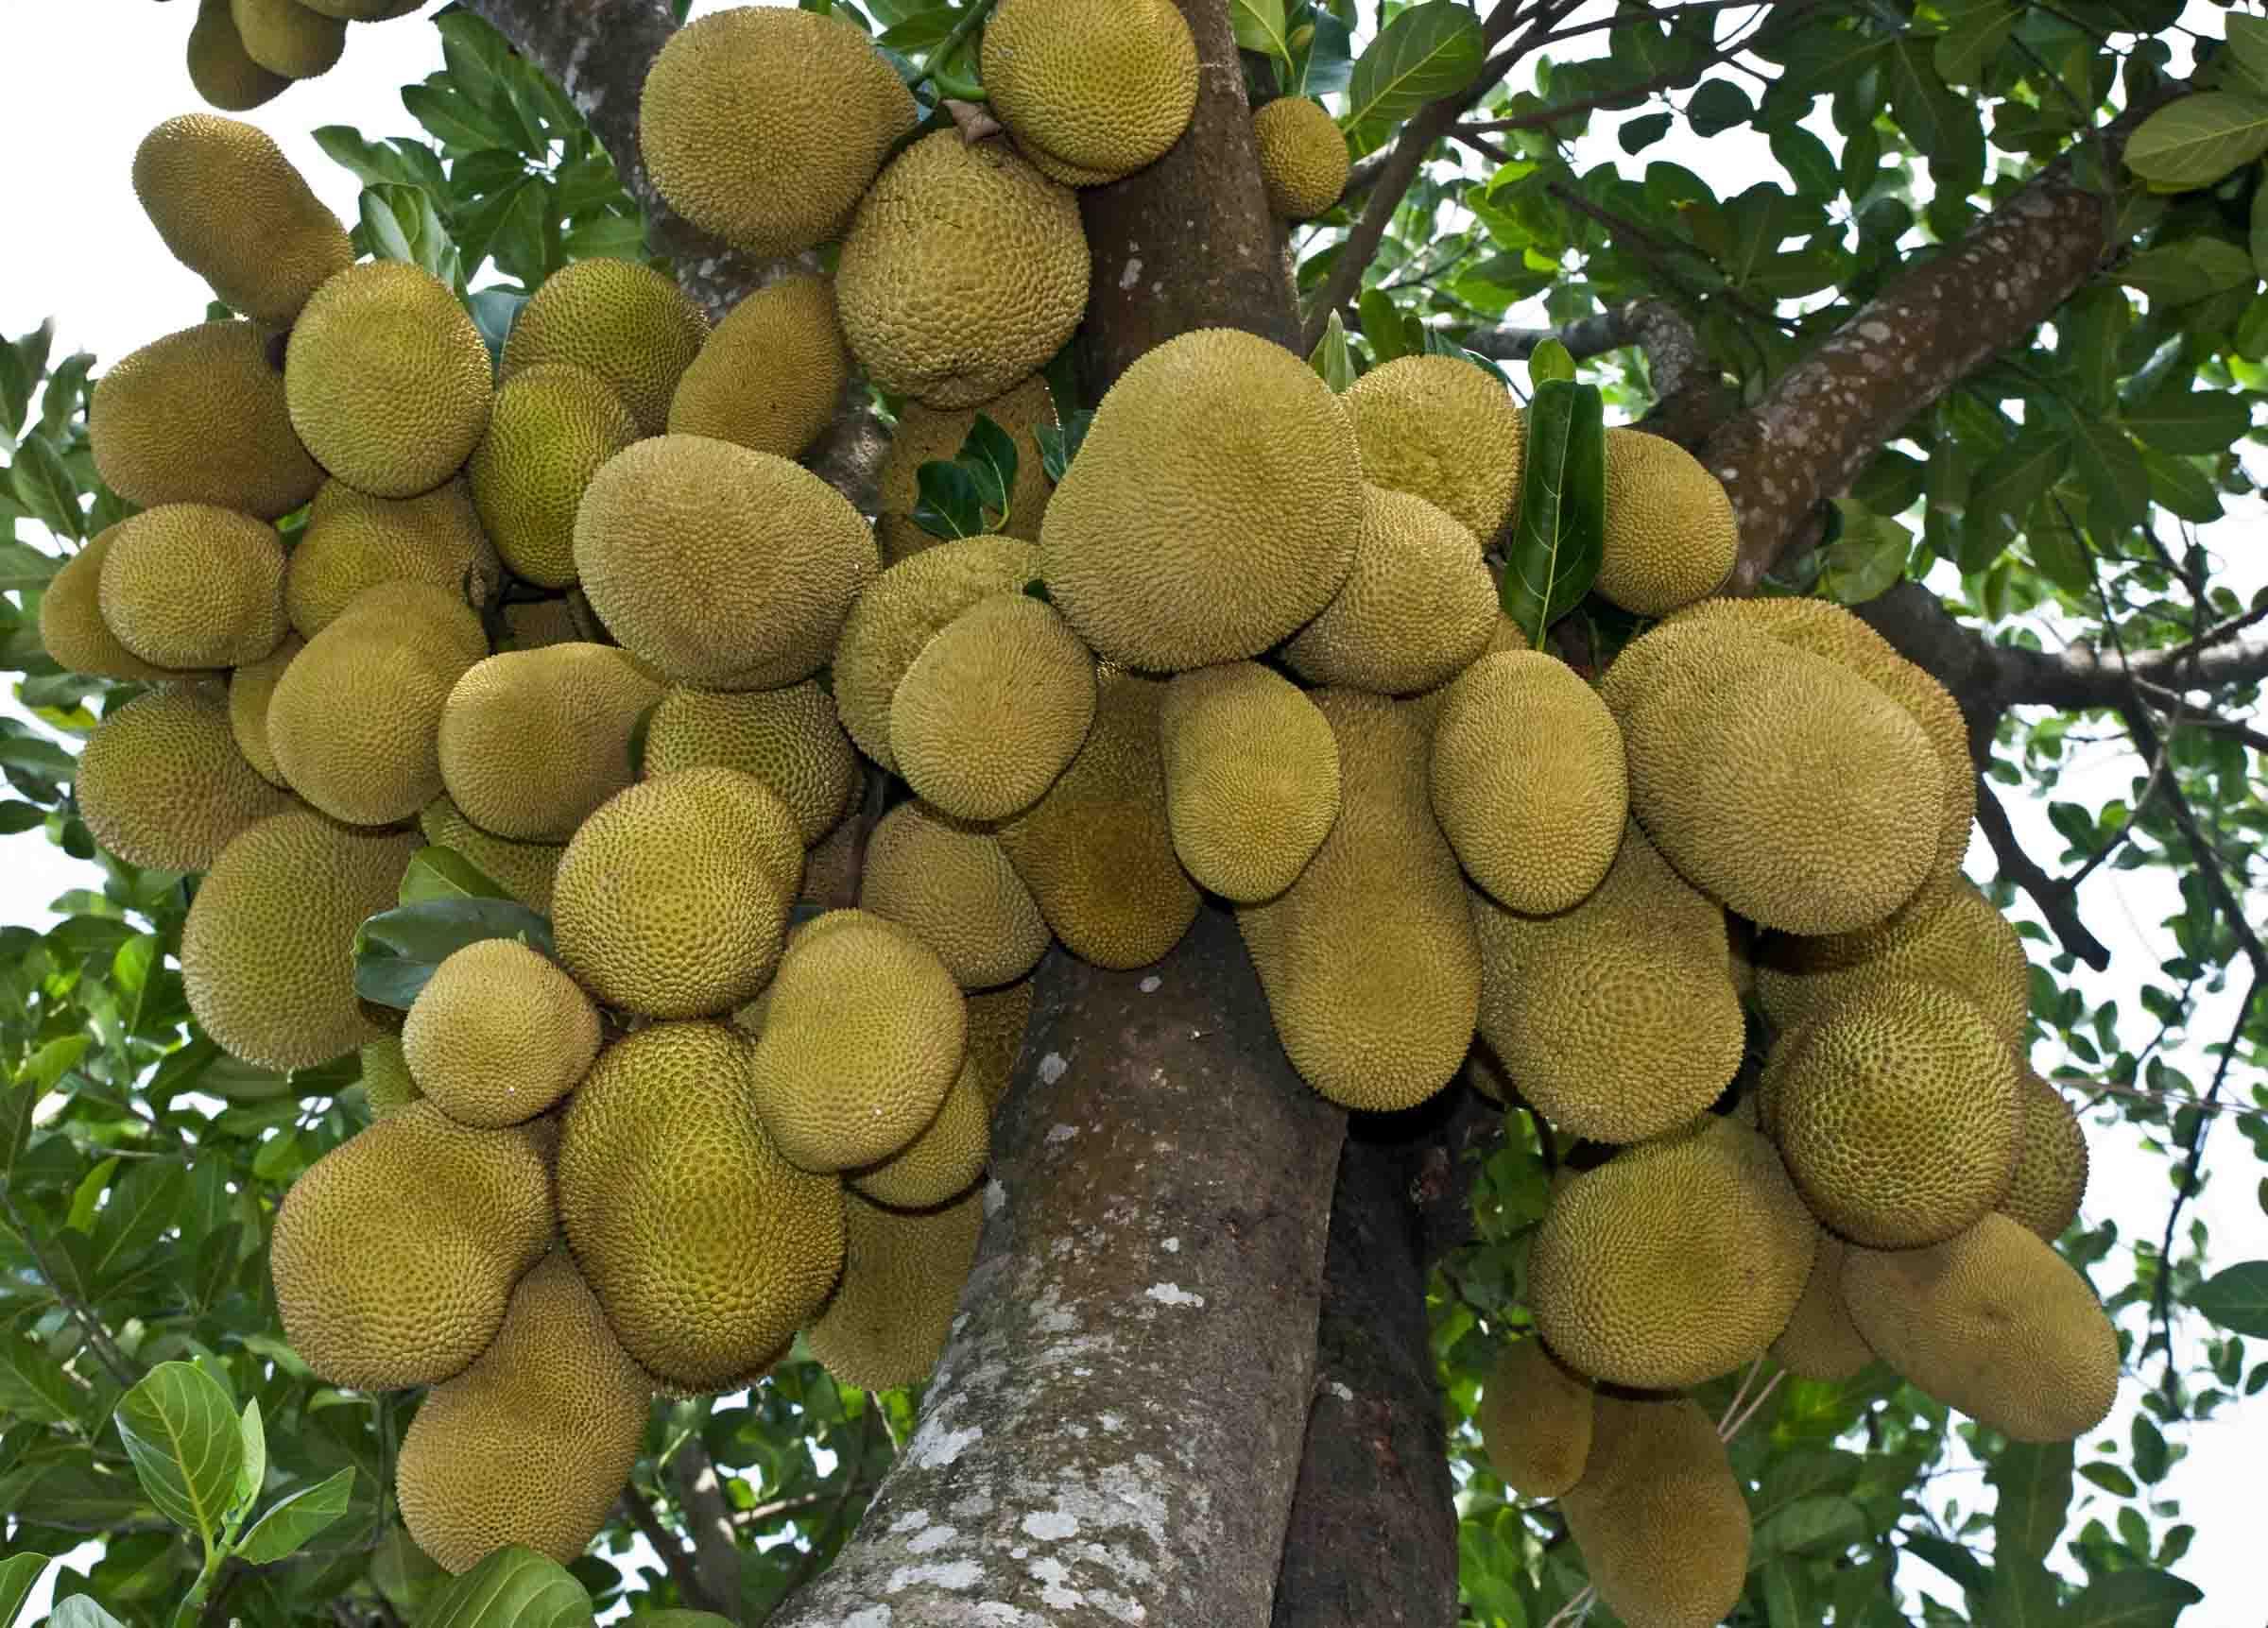 Jackfruit tree with fruits photos